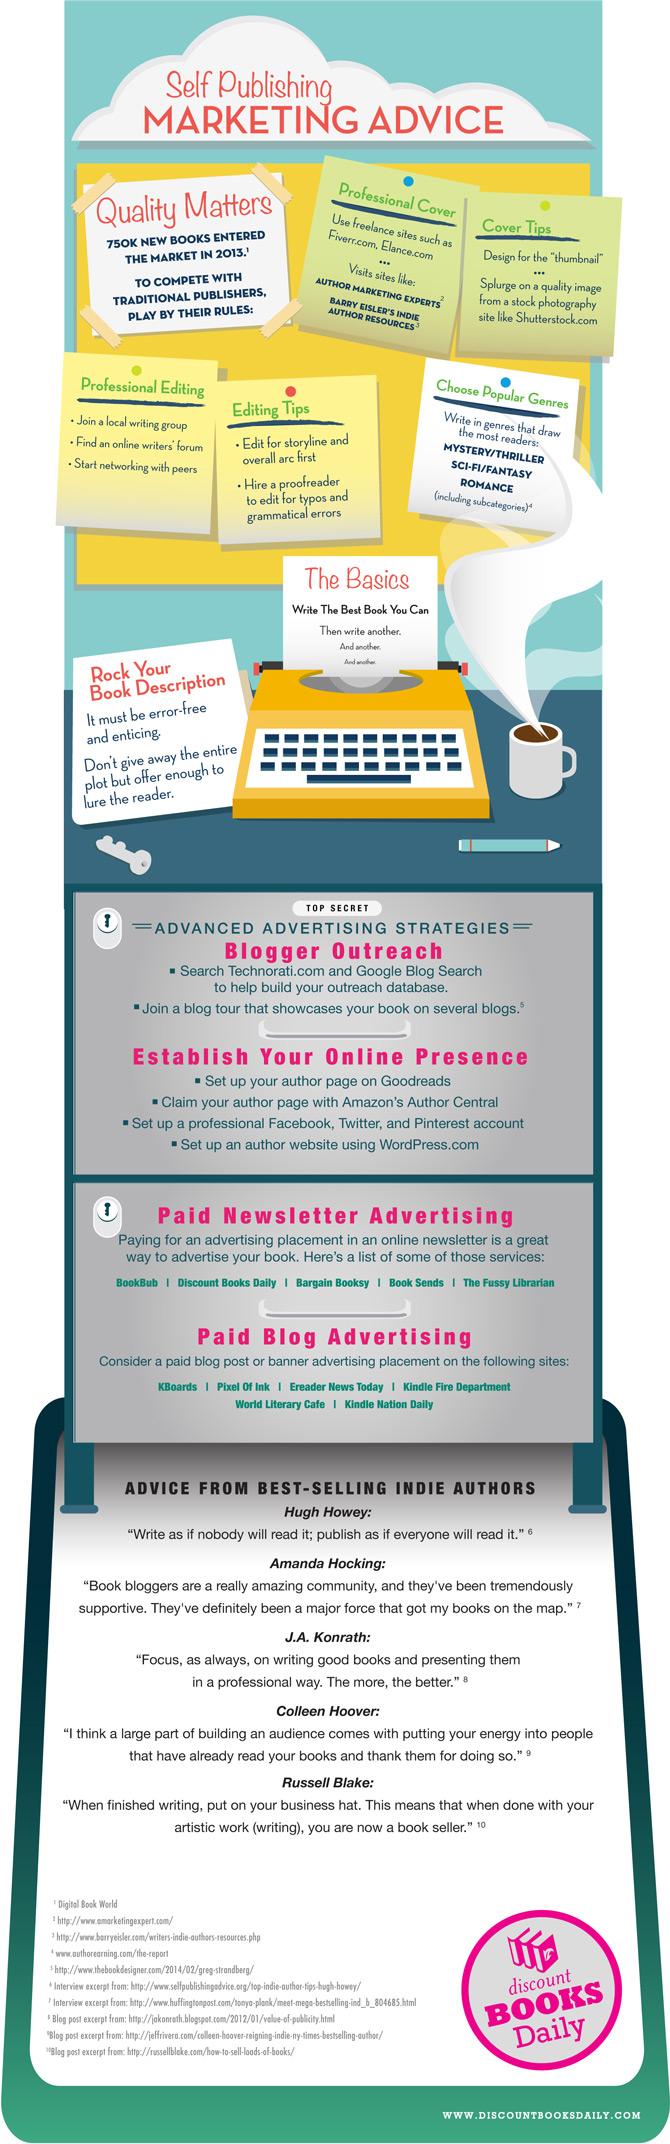 Self-Publishing Marketing Advice